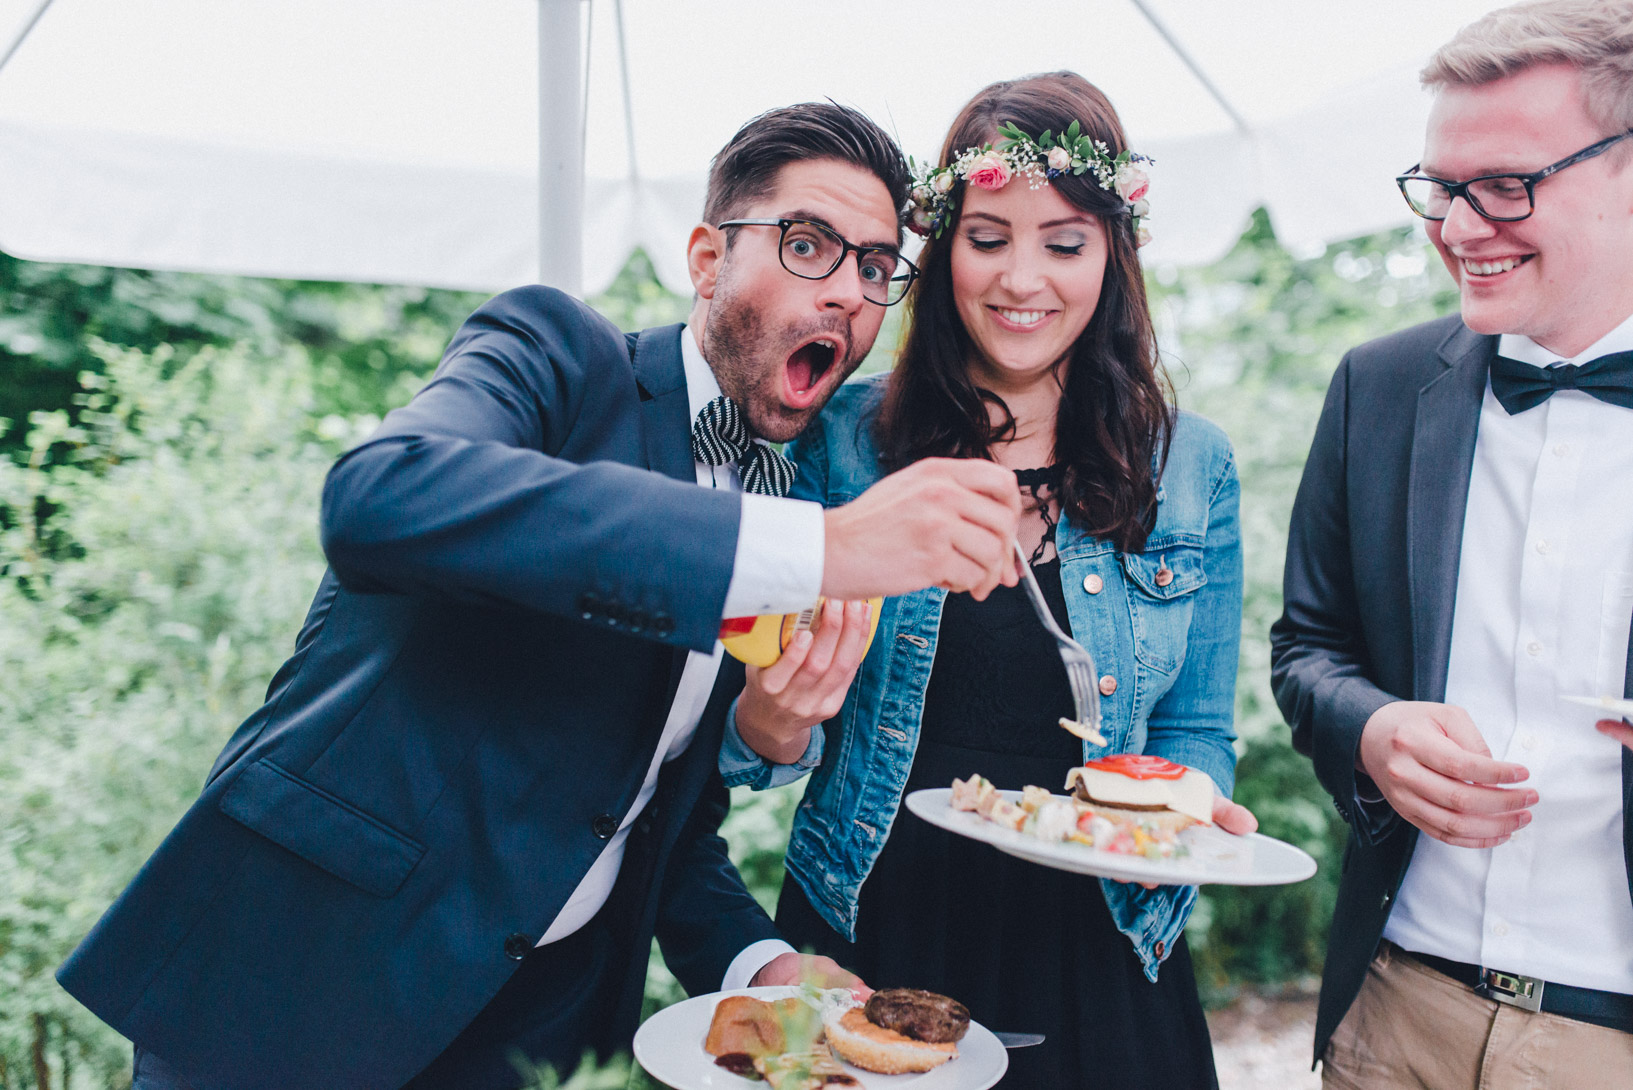 DIY-Hochzeit-gold-VW-Bully-109 Janet & Pierre DIY Midsummer-Wedding in Gold mit VW BulliDIY Hochzeit gold VW Bully 109